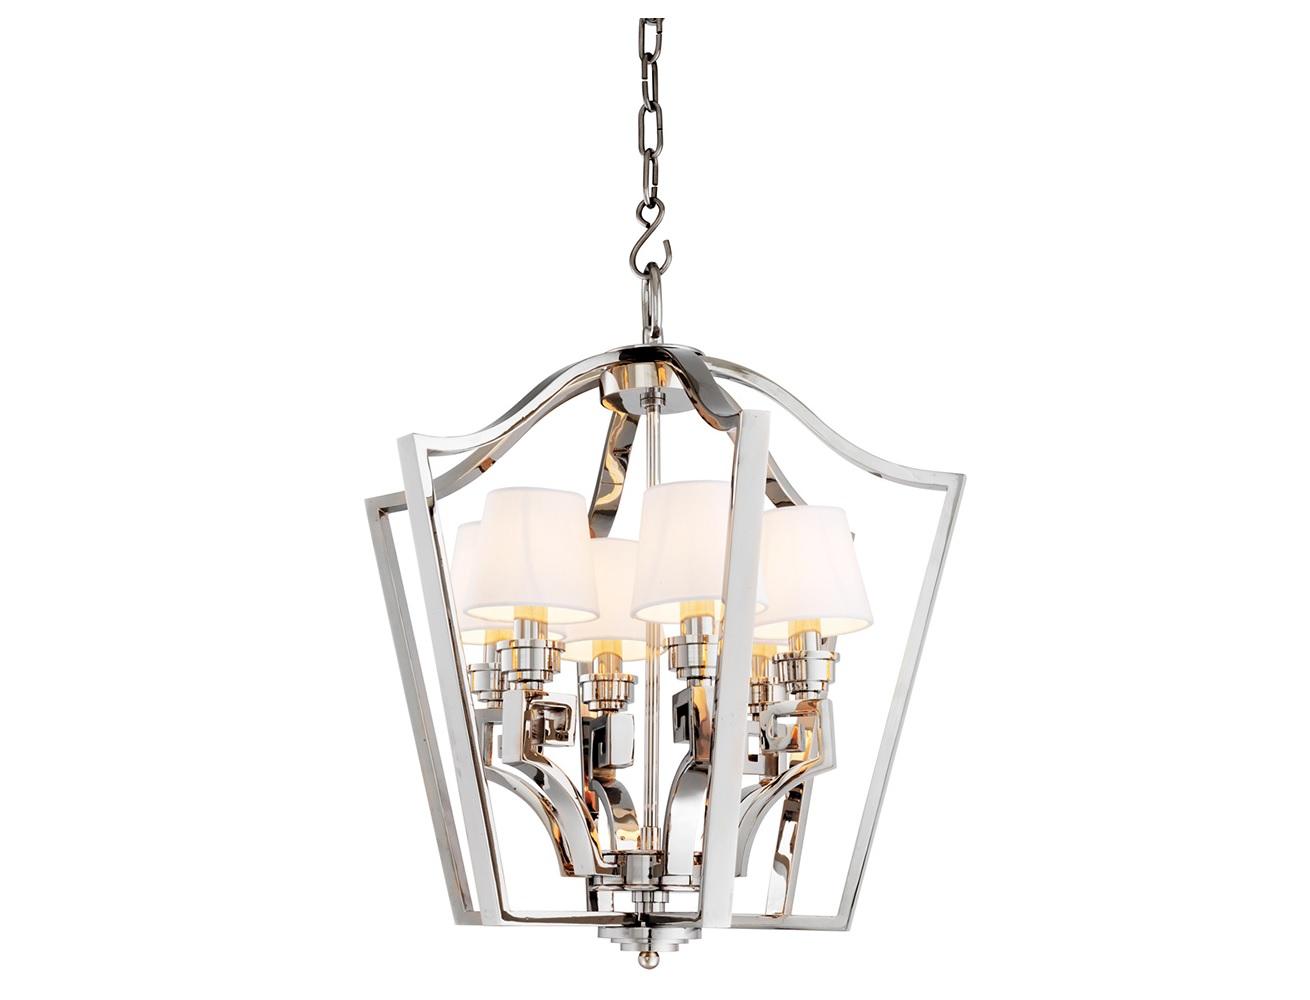 Подвесной светильник PresidentialПодвесные светильники<br>Подвесной светильник 6-ти рожковый из коллекции Chandelier Presidential S на никелированной арматуре. Тканевые абажуры белого цвета скрывают лампы. Высота светильника регулируется за счет звеньев цепи.&amp;lt;div&amp;gt;&amp;lt;br&amp;gt;&amp;lt;/div&amp;gt;&amp;lt;div&amp;gt;&amp;lt;div&amp;gt;Вид цоколя: E14&amp;lt;/div&amp;gt;&amp;lt;div&amp;gt;Мощность лампы: 40W&amp;lt;/div&amp;gt;&amp;lt;div&amp;gt;Количество ламп: 6&amp;lt;/div&amp;gt;&amp;lt;/div&amp;gt;&amp;lt;div&amp;gt;&amp;lt;br&amp;gt;&amp;lt;/div&amp;gt;&amp;lt;div&amp;gt;Лампочки в комплект не входят.&amp;lt;/div&amp;gt;<br><br>Material: Металл<br>Ширина см: 55.0<br>Высота см: 61.0<br>Глубина см: 55.0